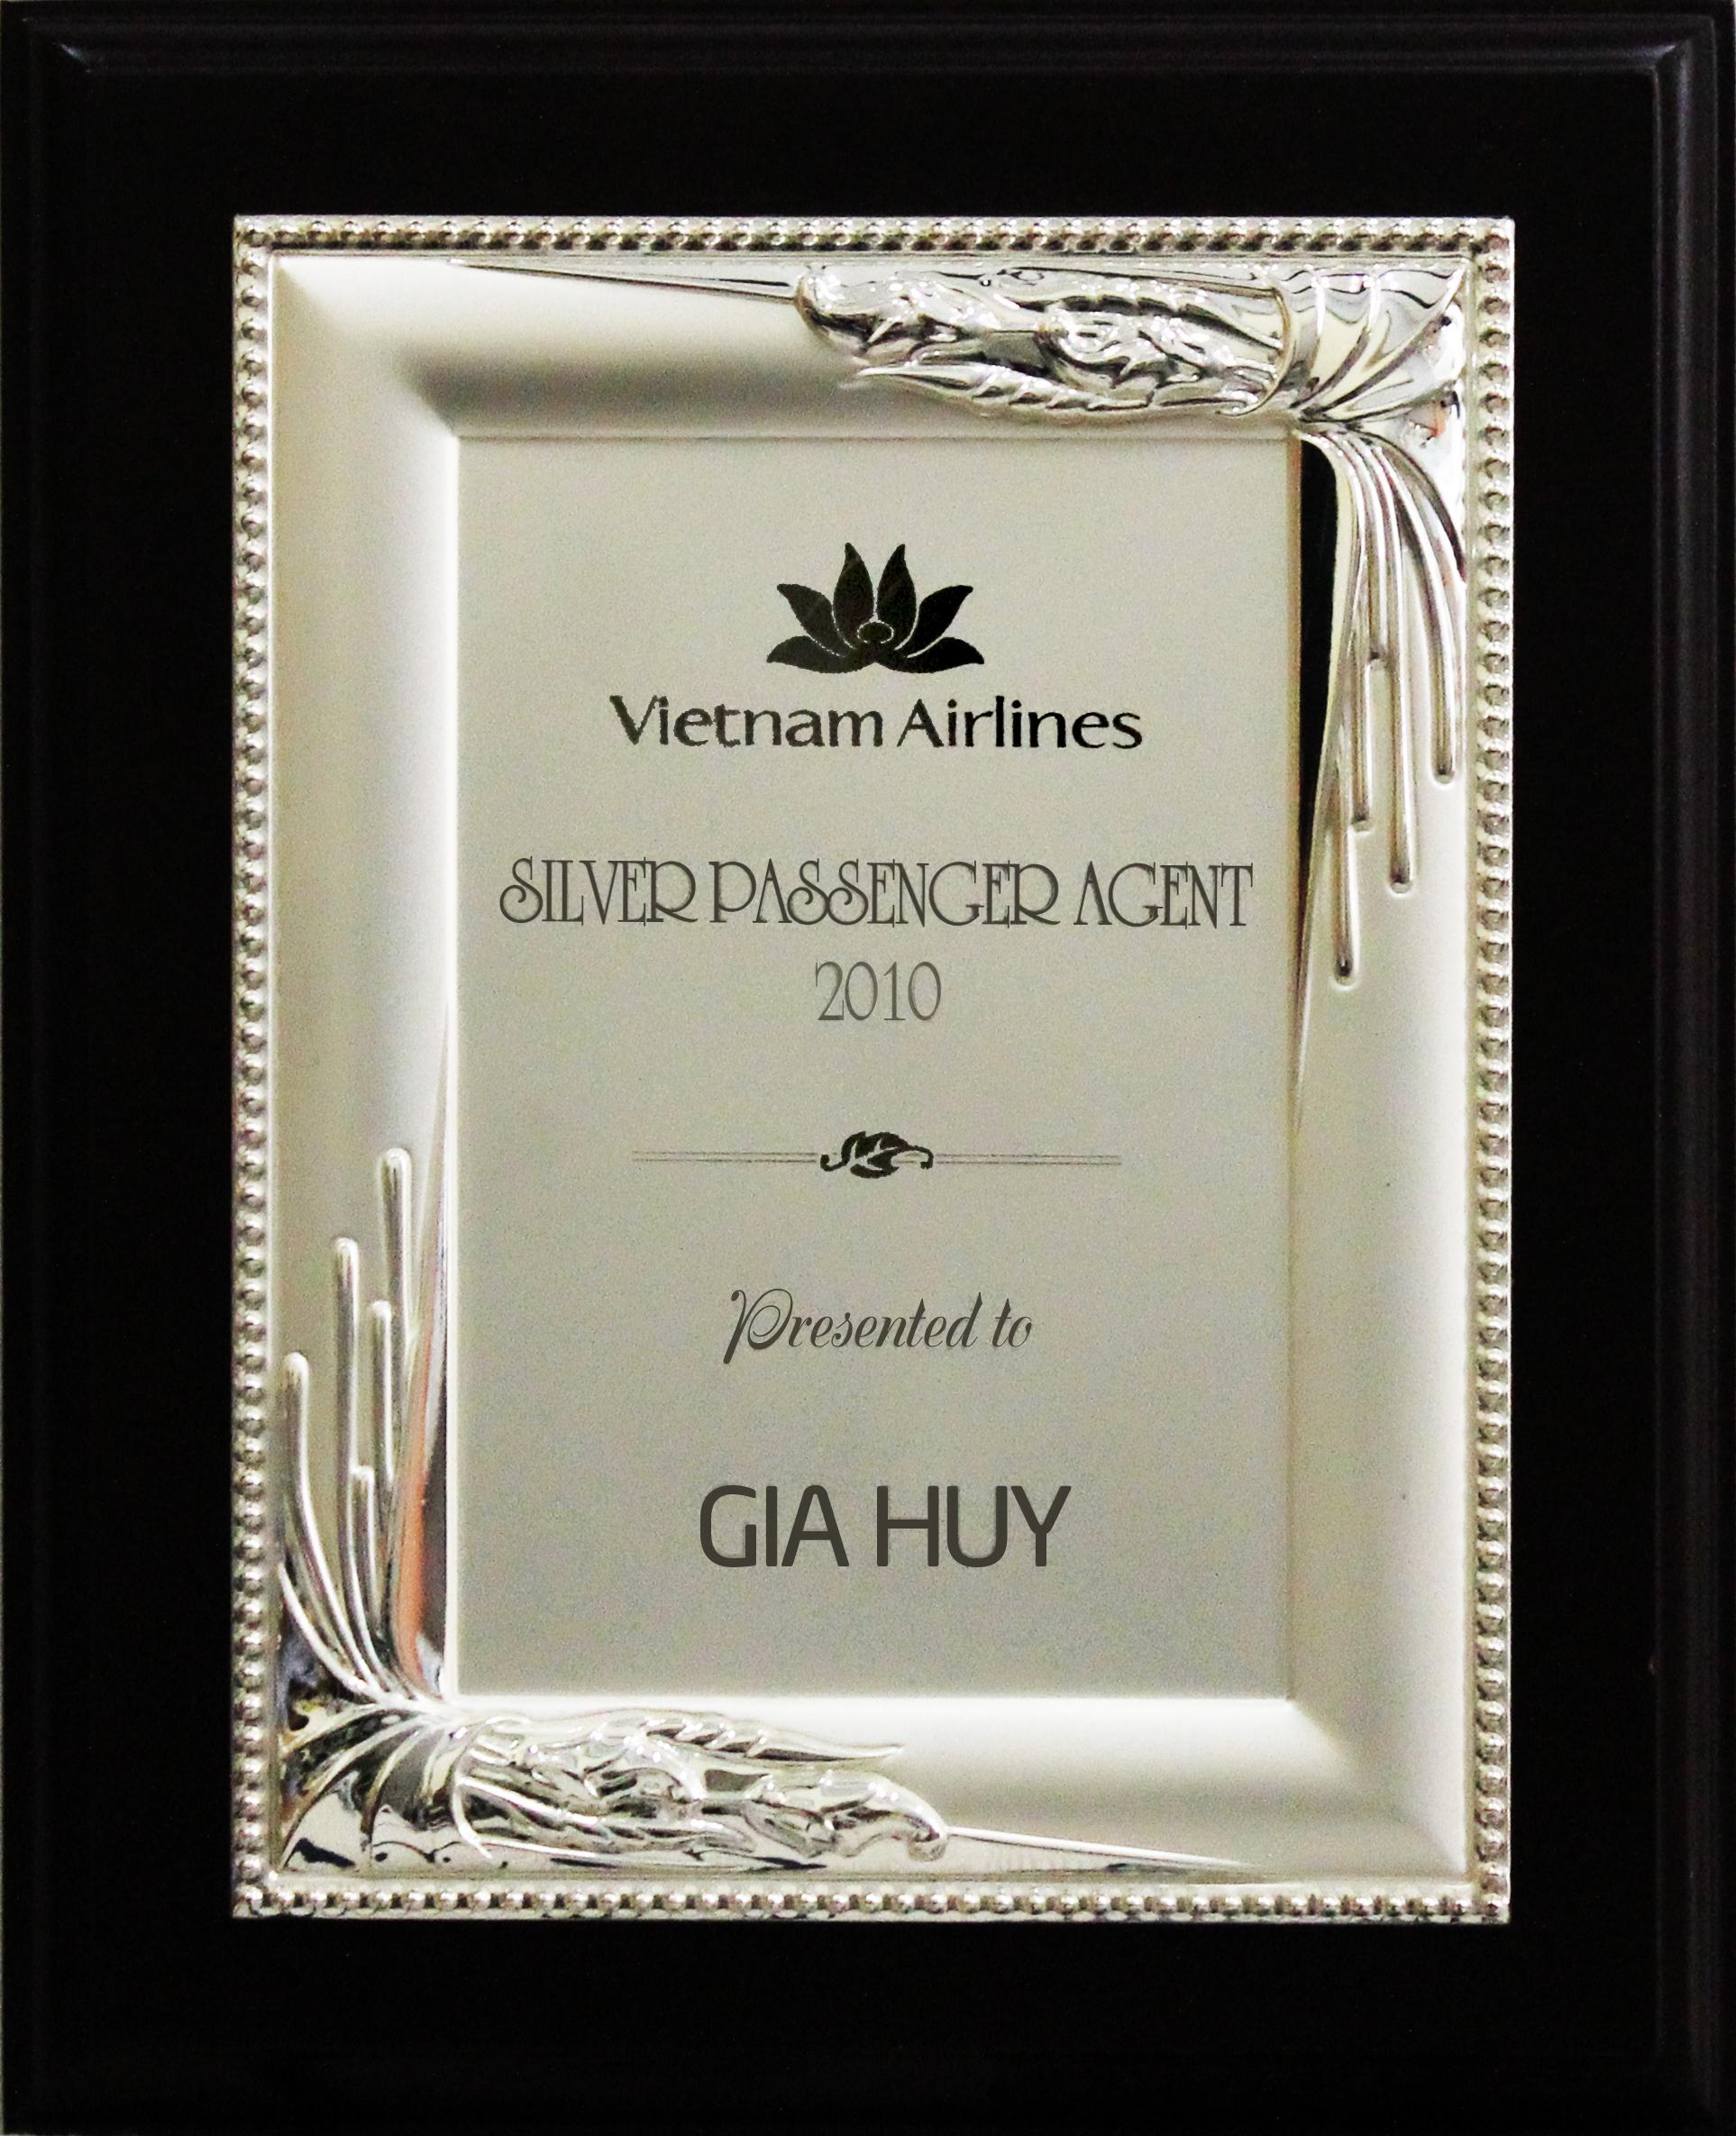 Giải thưởng Bạc - Vietnamairline - năm 2010